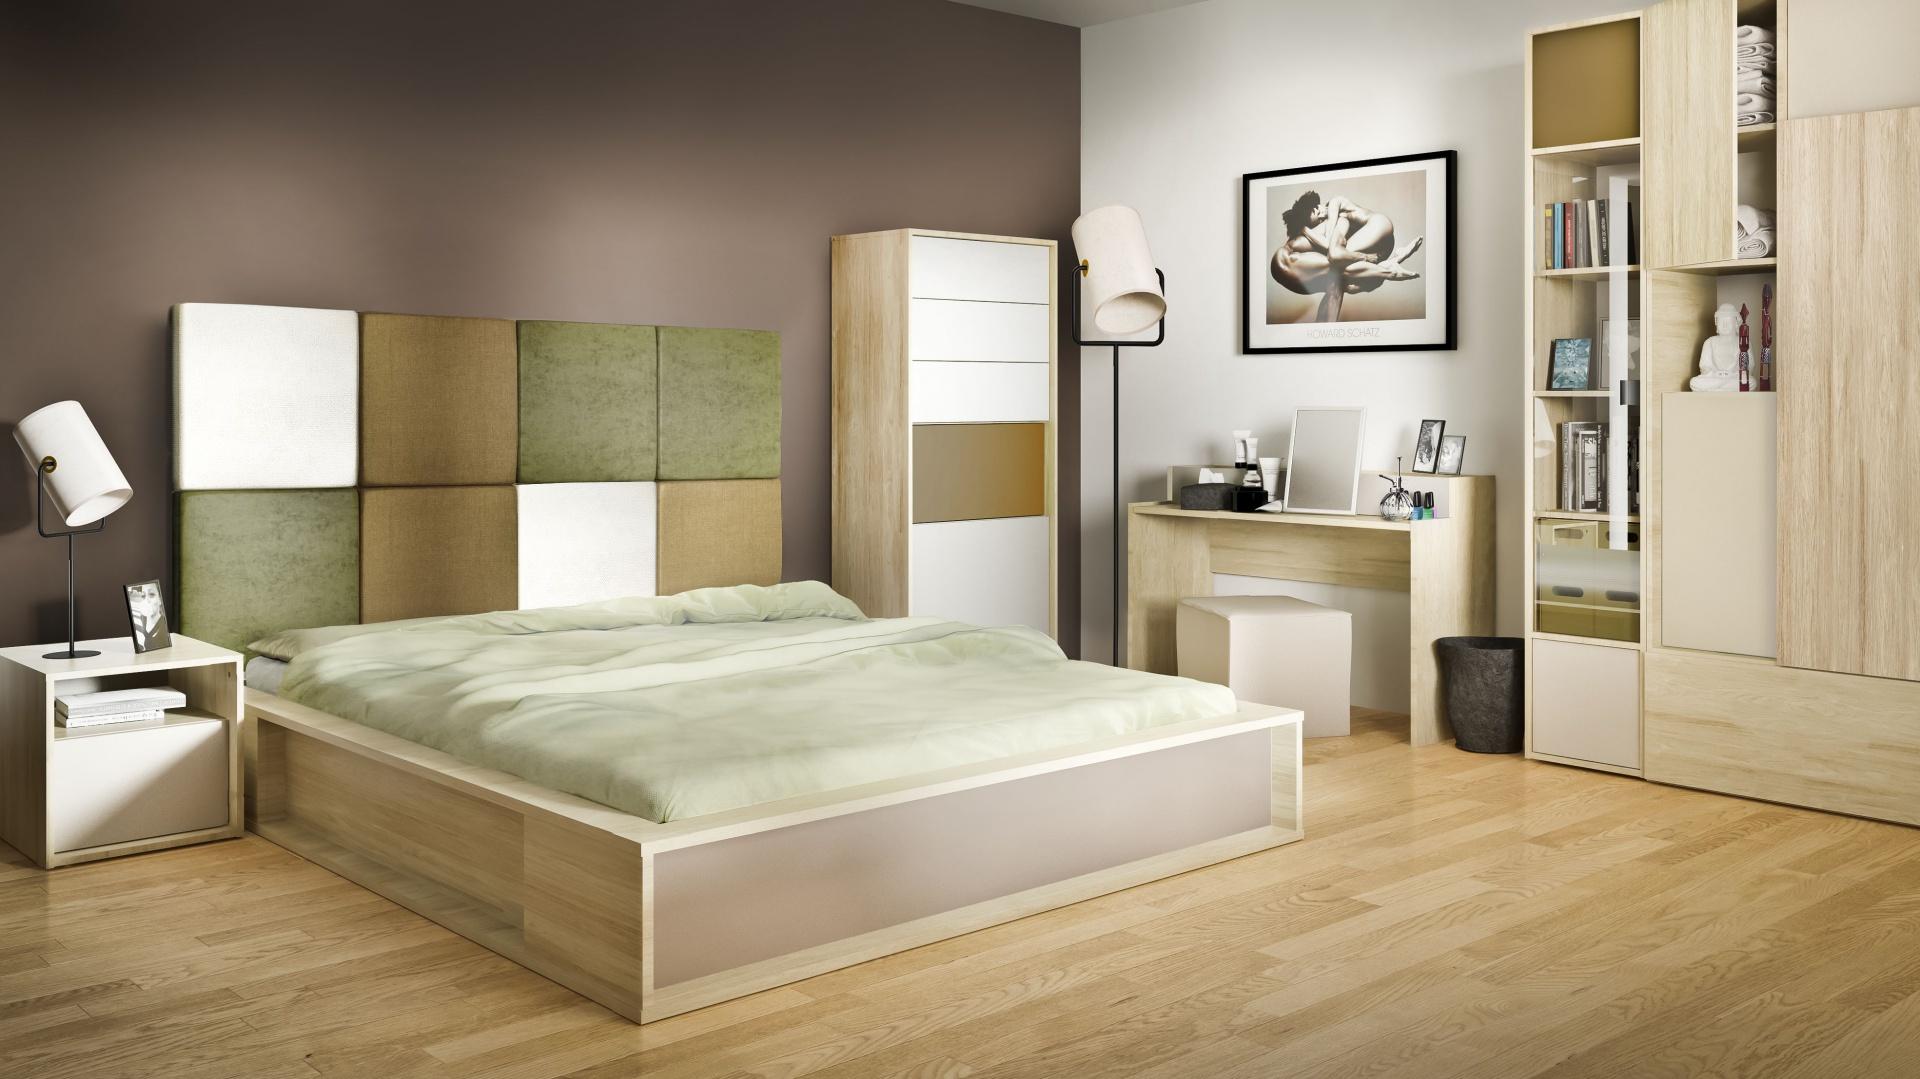 Sypialnia 3D to nietypowa kolekcja, którą można zaprojektować według własnych potrzeb. Duży wybór wybarwień oraz brył daje szerokie możliwości aranżacji wnętrza. Fot. Vox